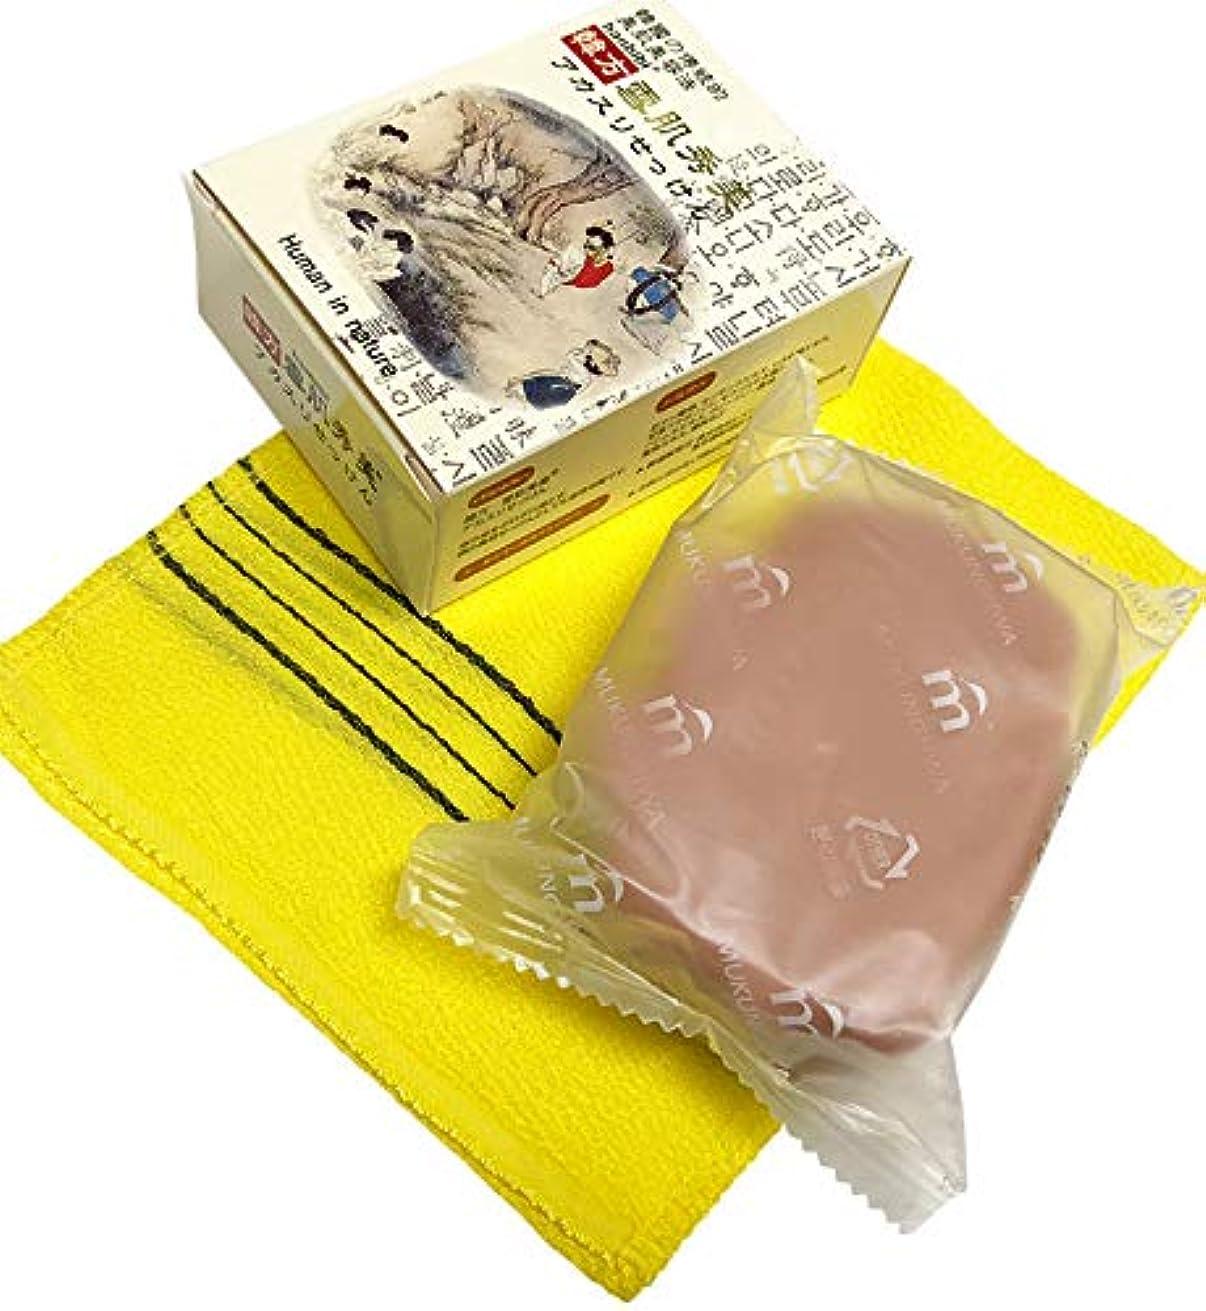 ステレオタイプ一メンター顔、体兼用、蜂蜜香りの韓方石ケン、韓国コスメ 韓方[]蜂蜜アカスリせっけん アカスリ専用タオル付き